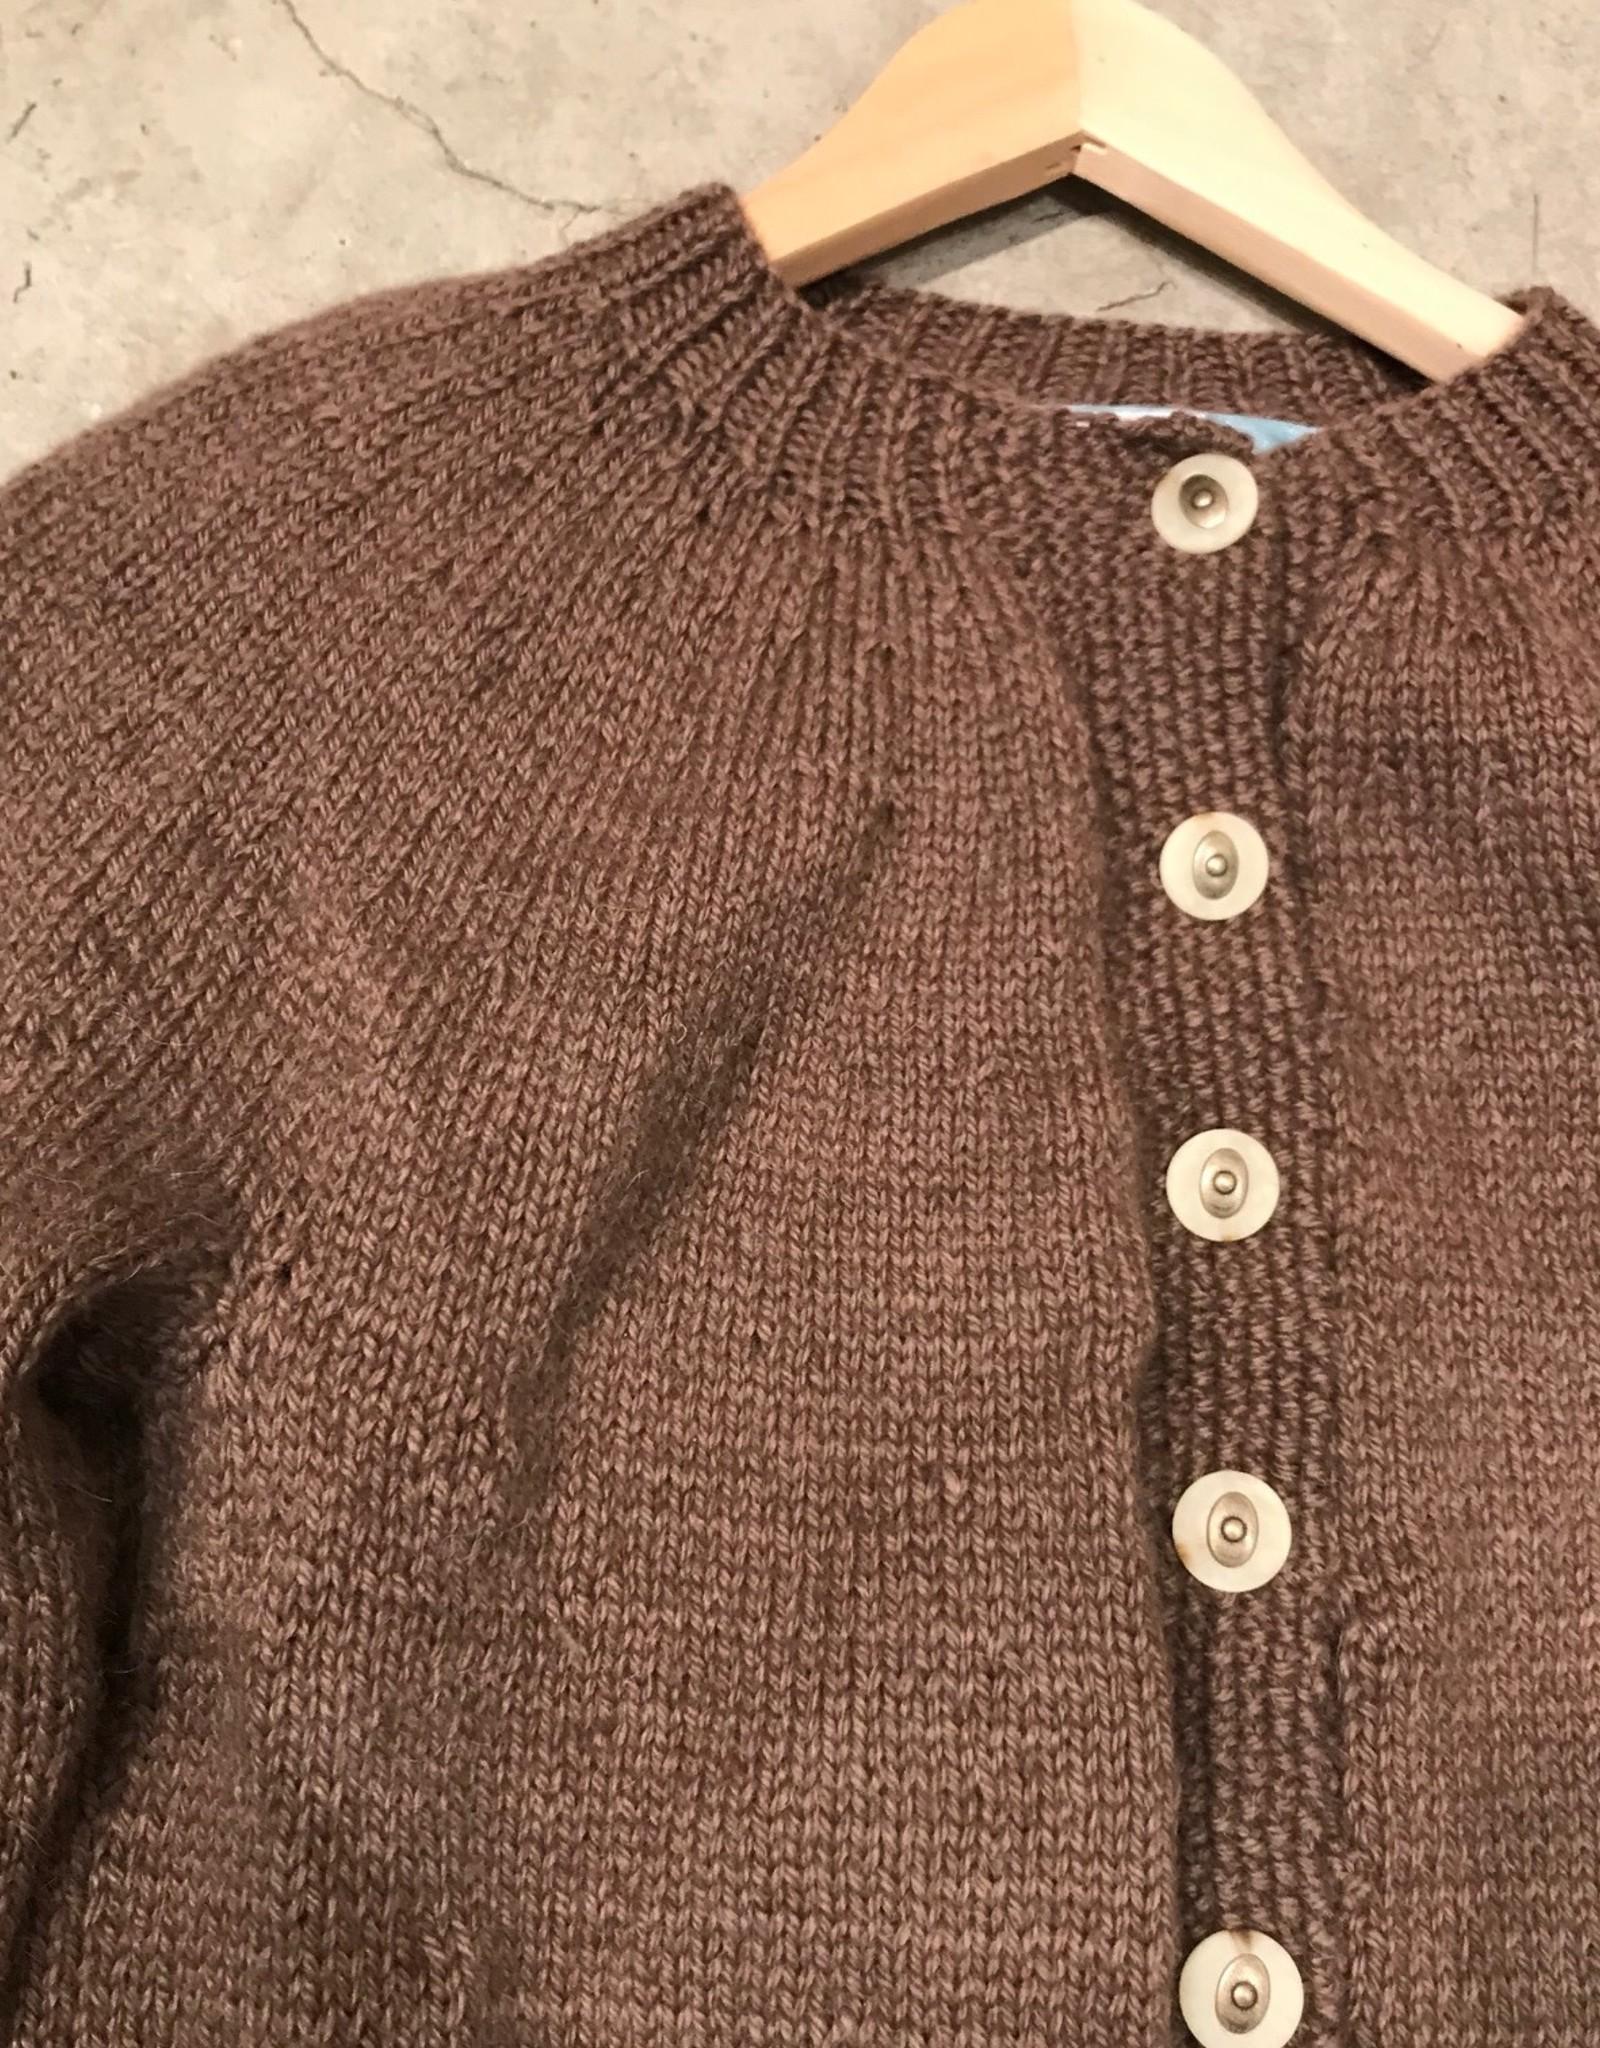 Devil May Wear Jocelyn Cardigan Medium, Woodland, 84% Baby Alpaca, 16% Cashmere